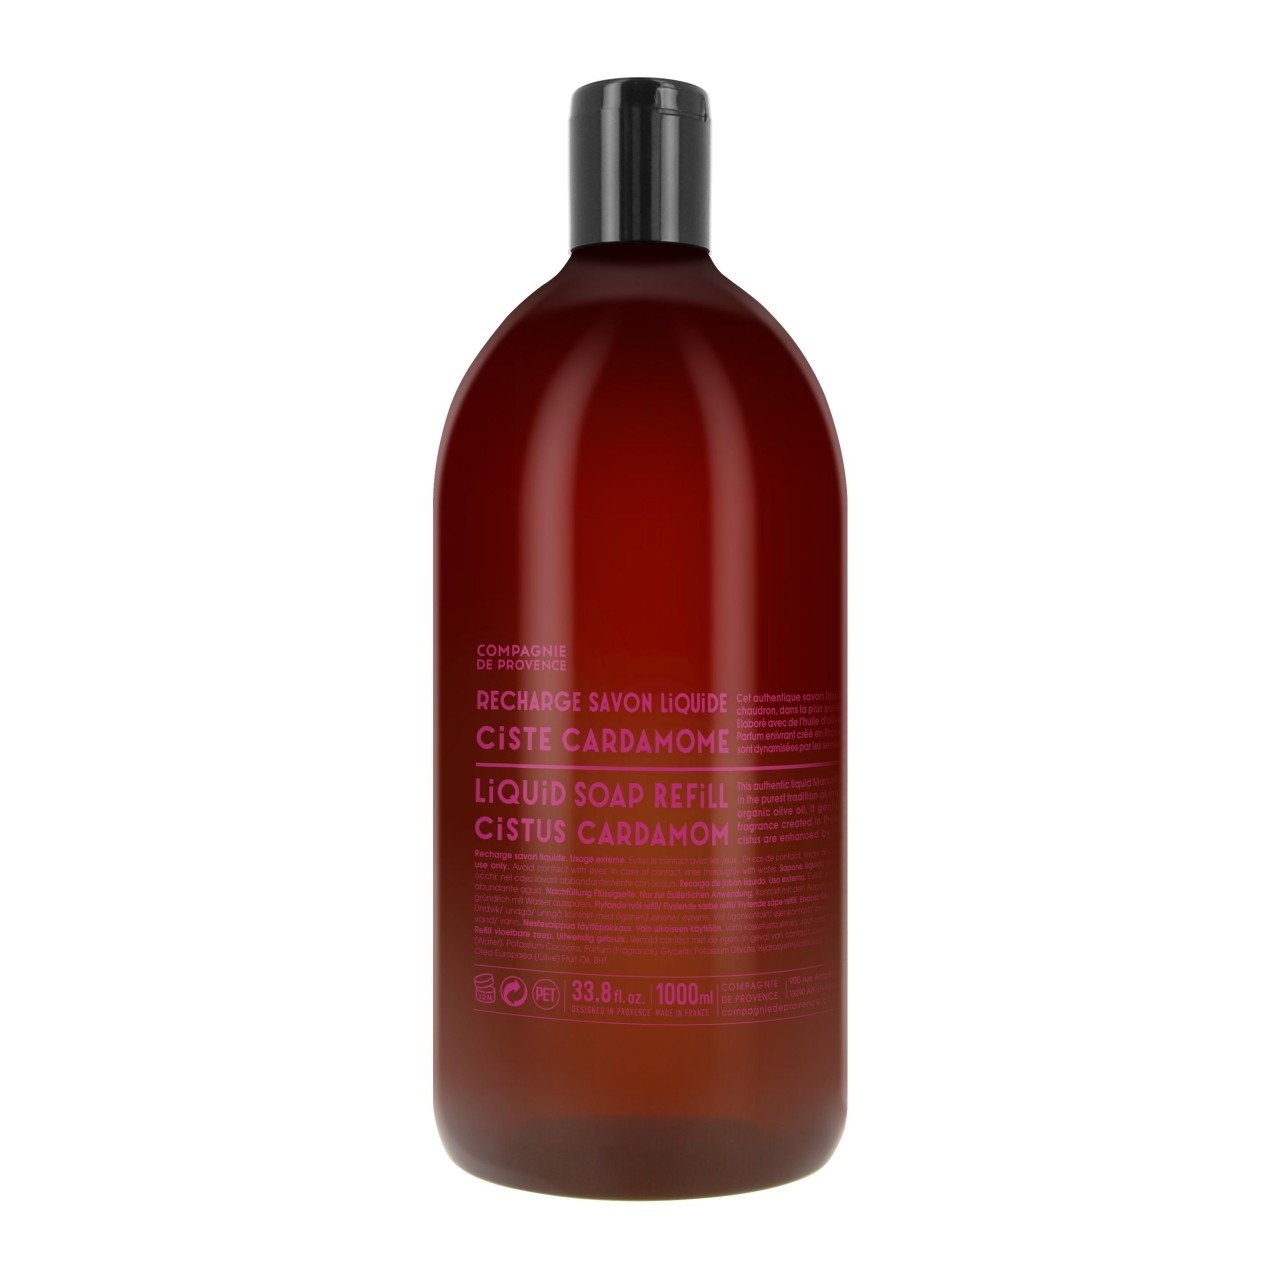 Sapone Liquido di Marsiglia al Cistus Cardamomo Ricarica 1L Compagnie de Provence Italia CPPF0102SL01LCC-01